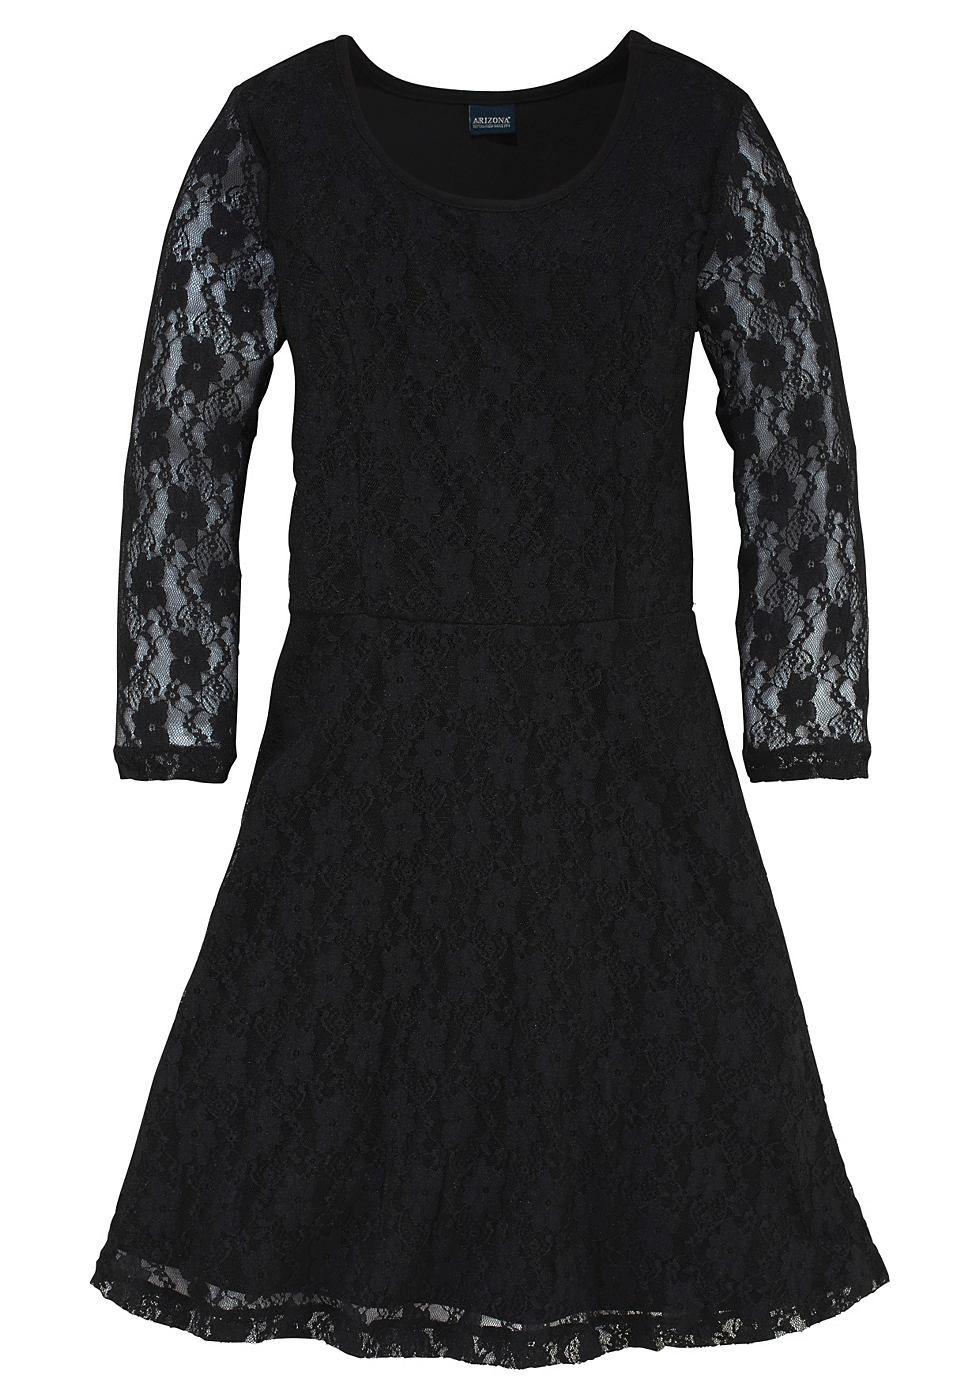 Arizona Spitzenkleid, mit 3/4 Ärmeln | Unterkleid, Farbe schwarz und ...